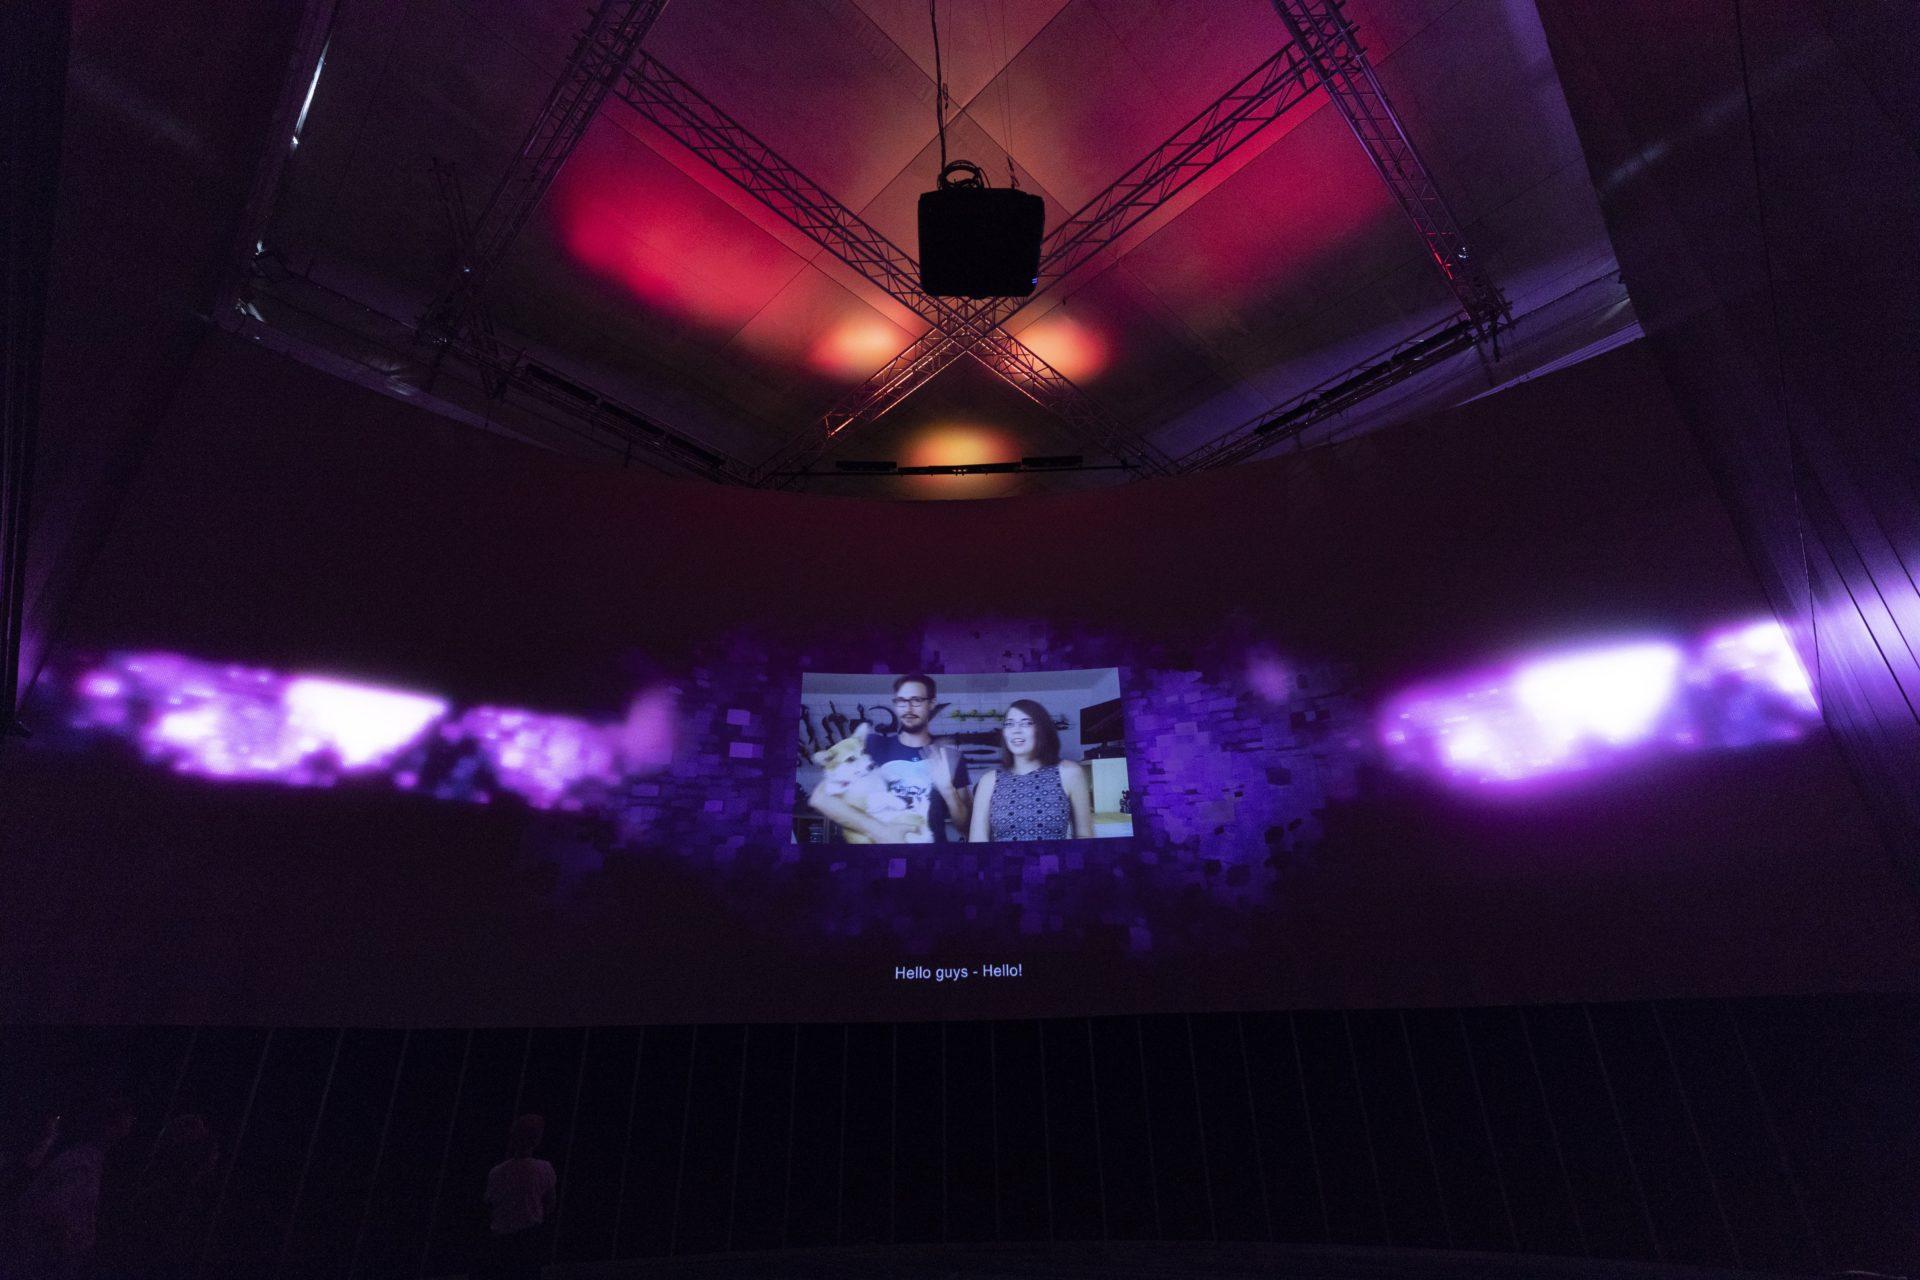 「遊戲」(Play)展區以沈浸式裝置,呈現玩家在真實和虛擬世界中所扮演的角色。